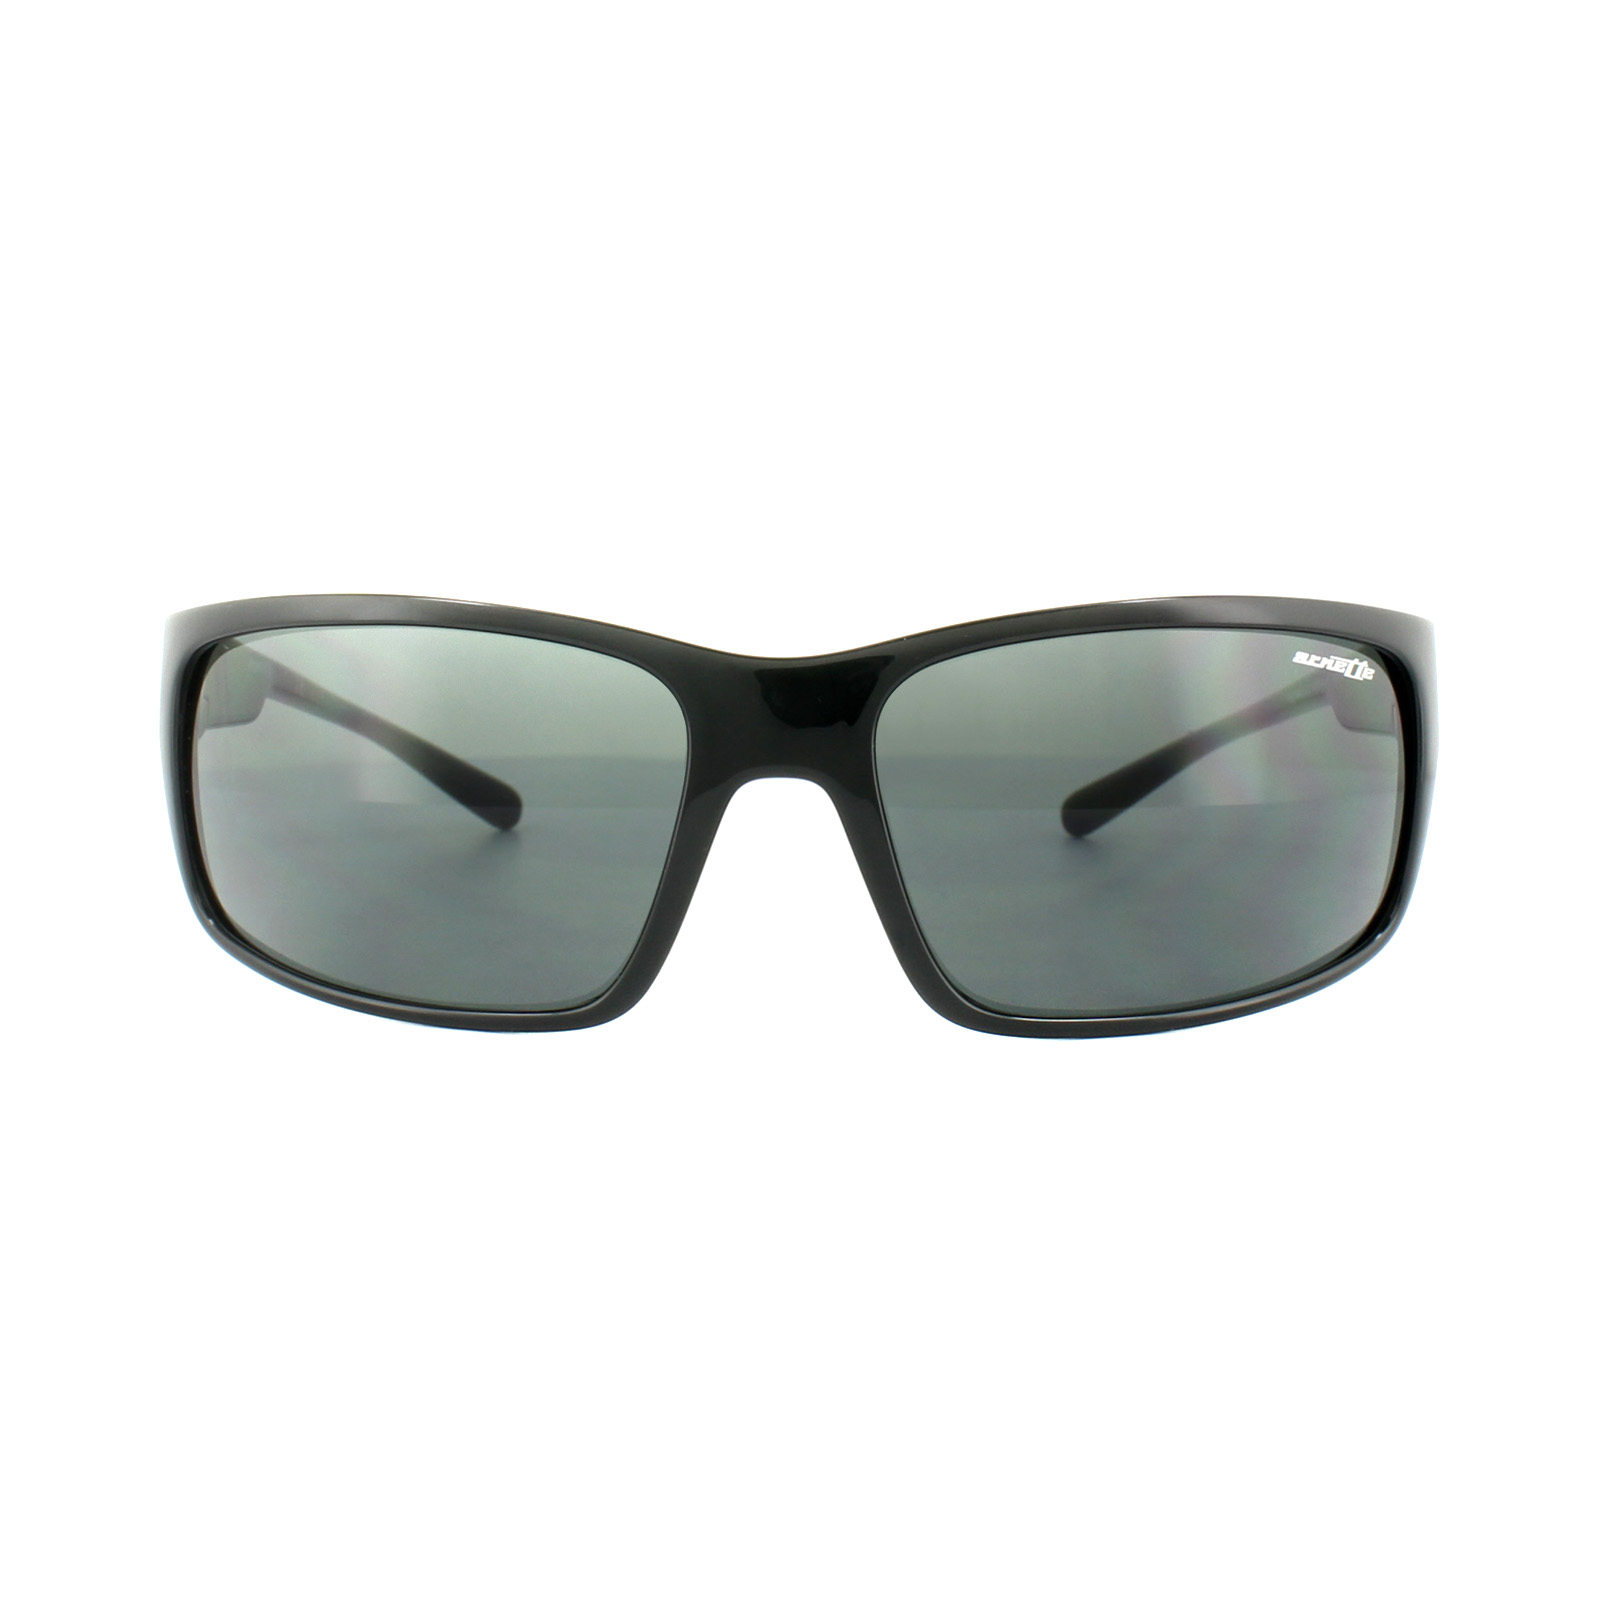 01d9372bcad Arnette Fastball 2.0 4242 Sunglasses Thumbnail 1 Arnette Fastball 2.0 4242 Sunglasses  Thumbnail 2 ...